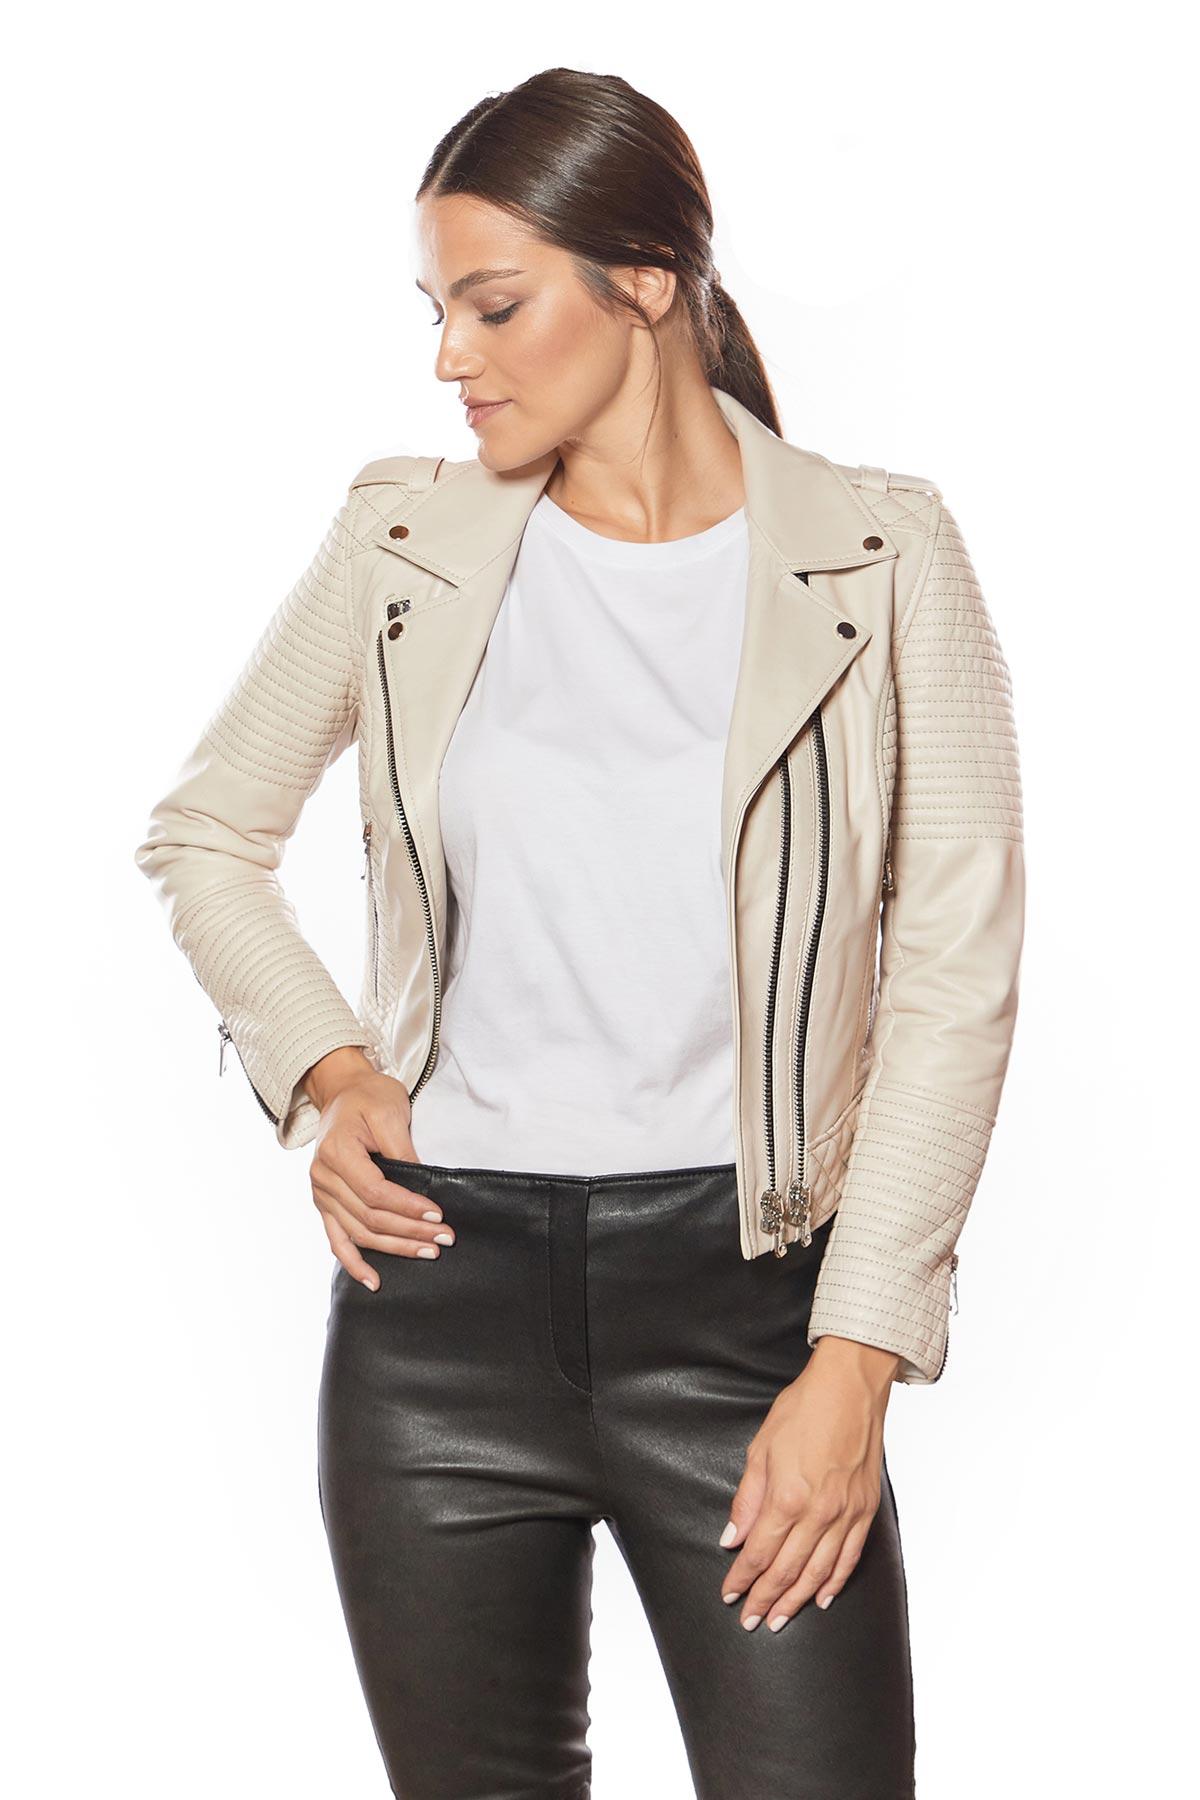 leather biker jacket in